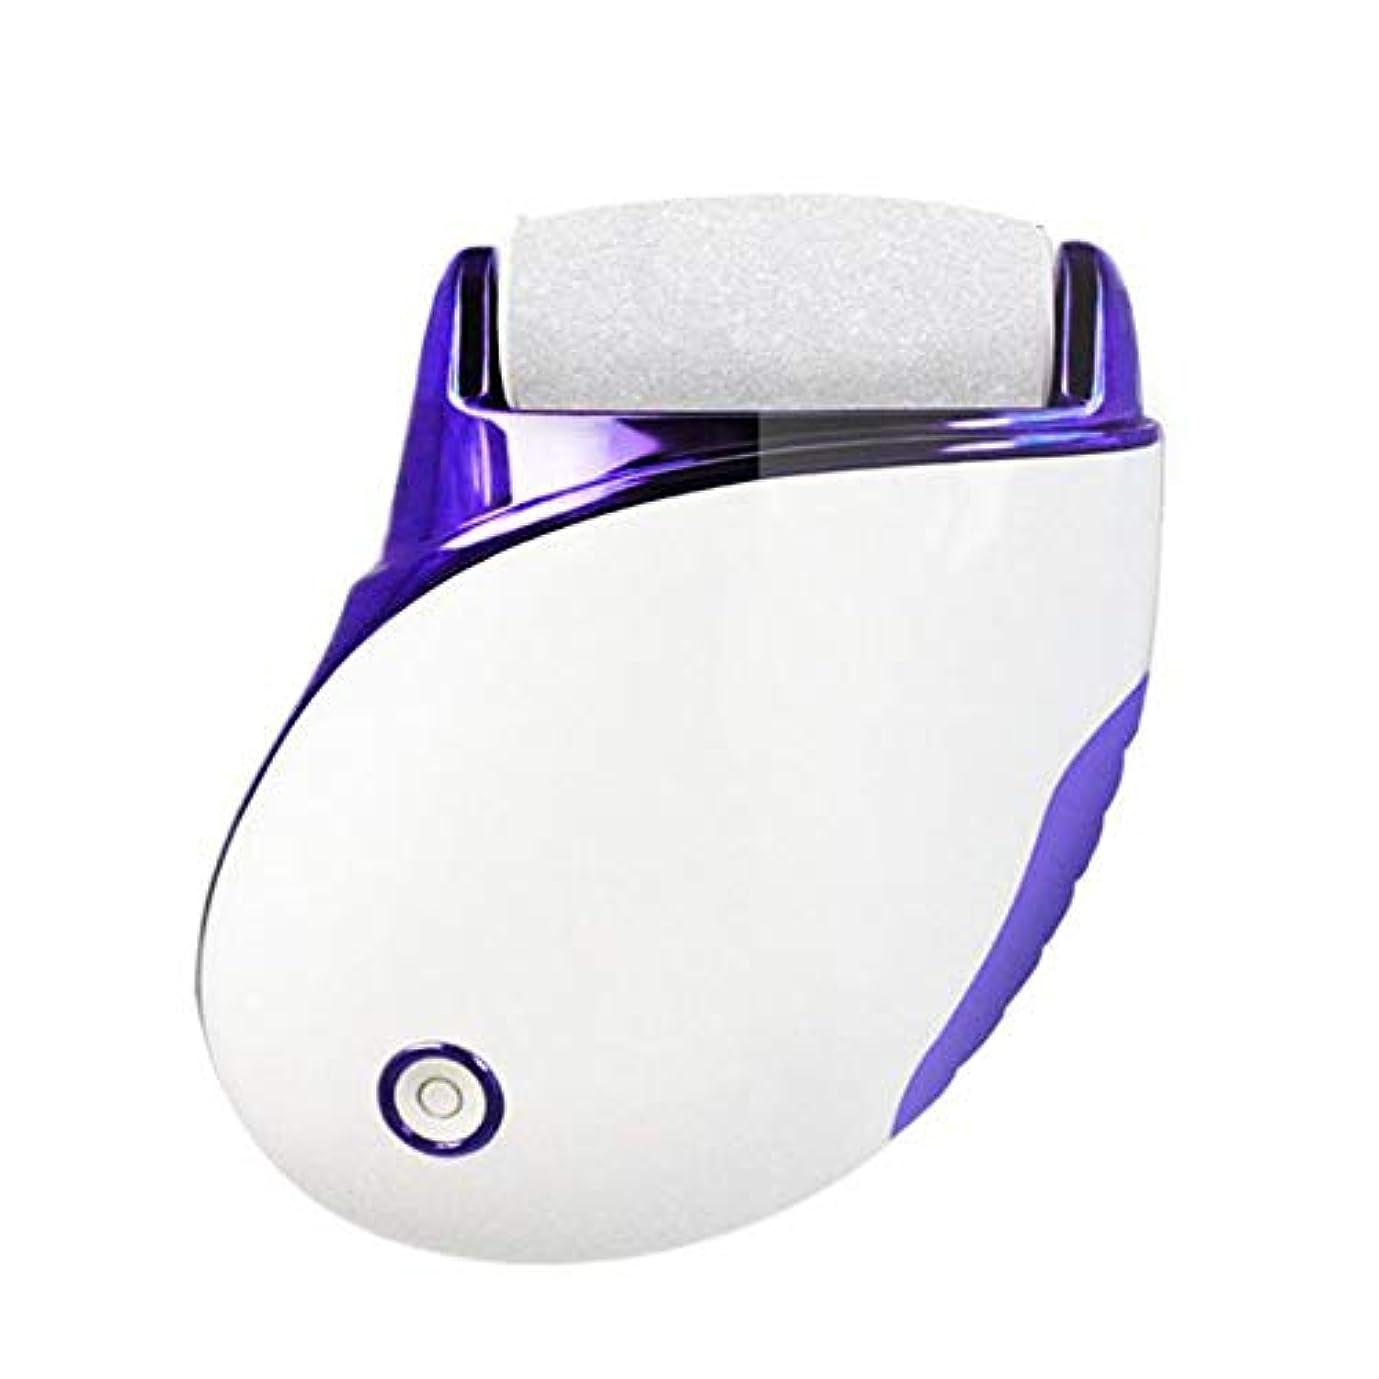 ぴかぴかウィンク豊富に自動剥離電動グラインダー両面交換ヘッド